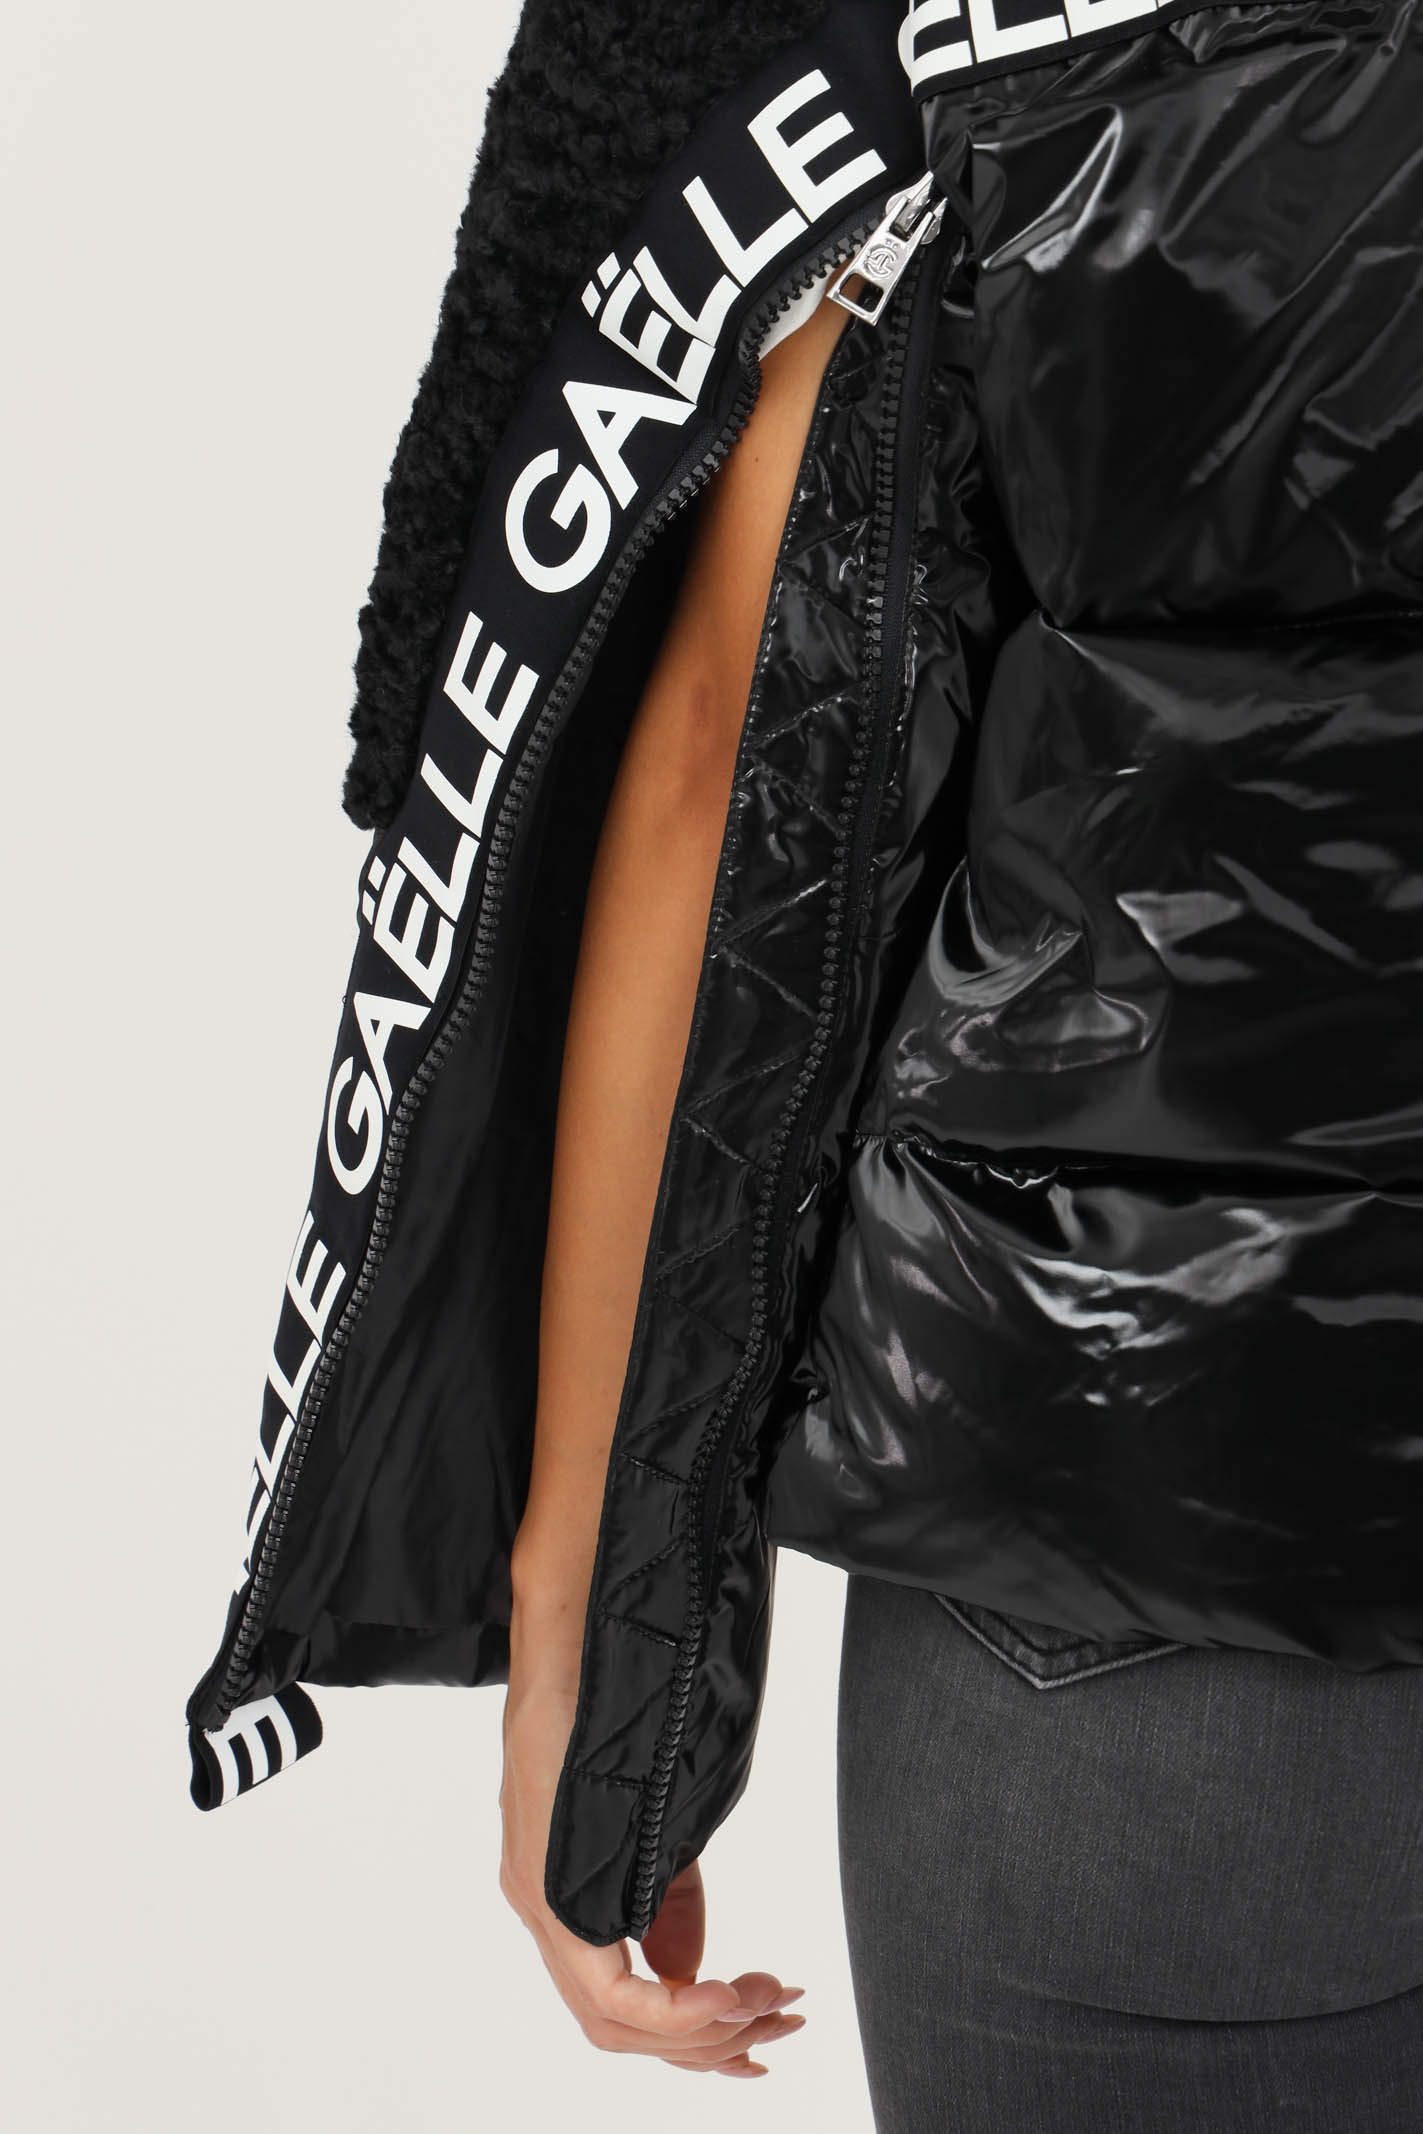 Piumino corto donna nero lucido Gaelle   GBD9730NERO